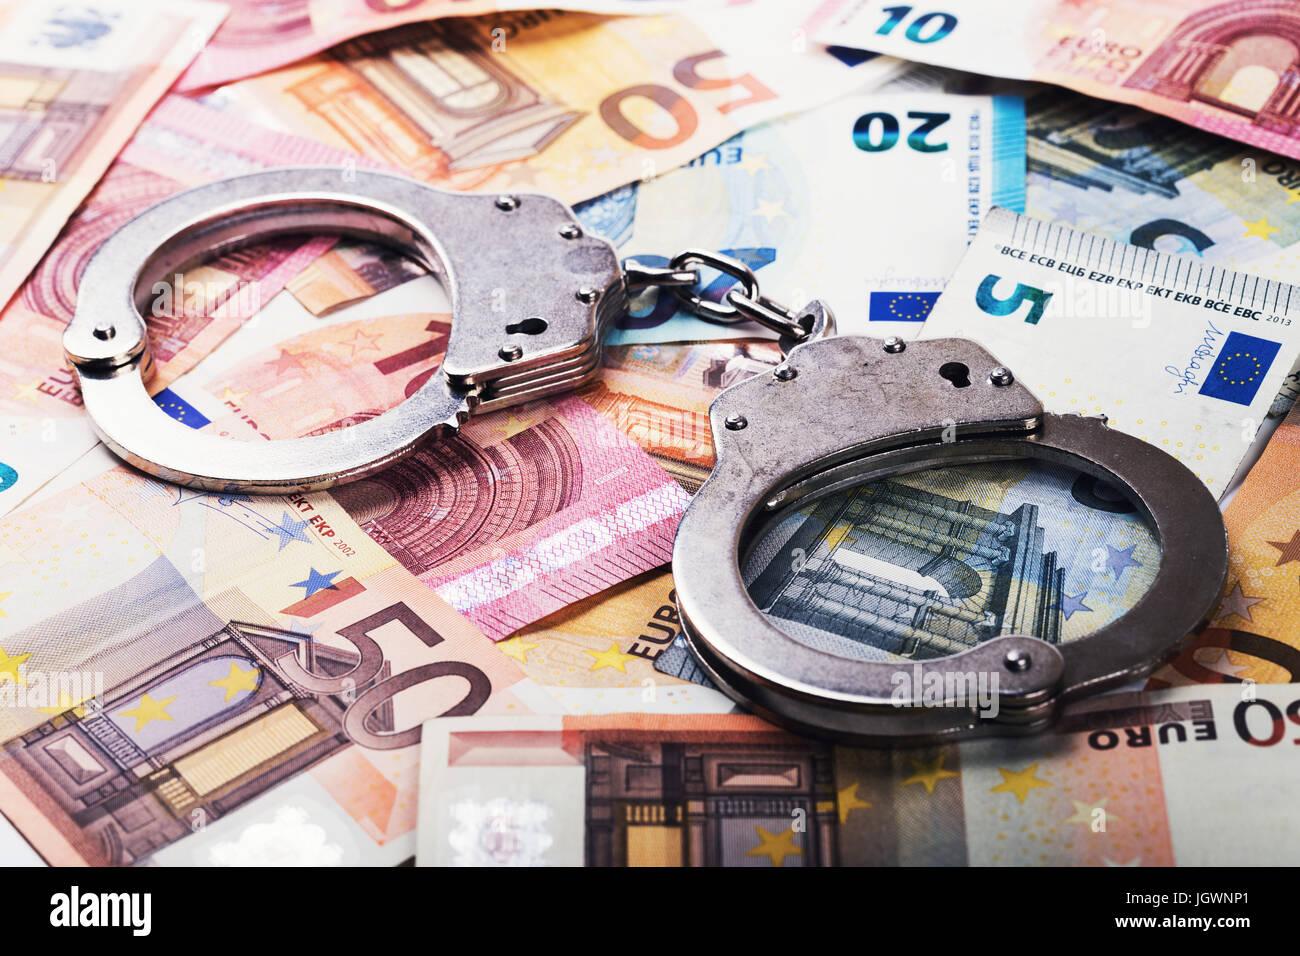 Concepto de evasión de impuestos, corrupción - esposas en billetes de euro dinero Imagen De Stock